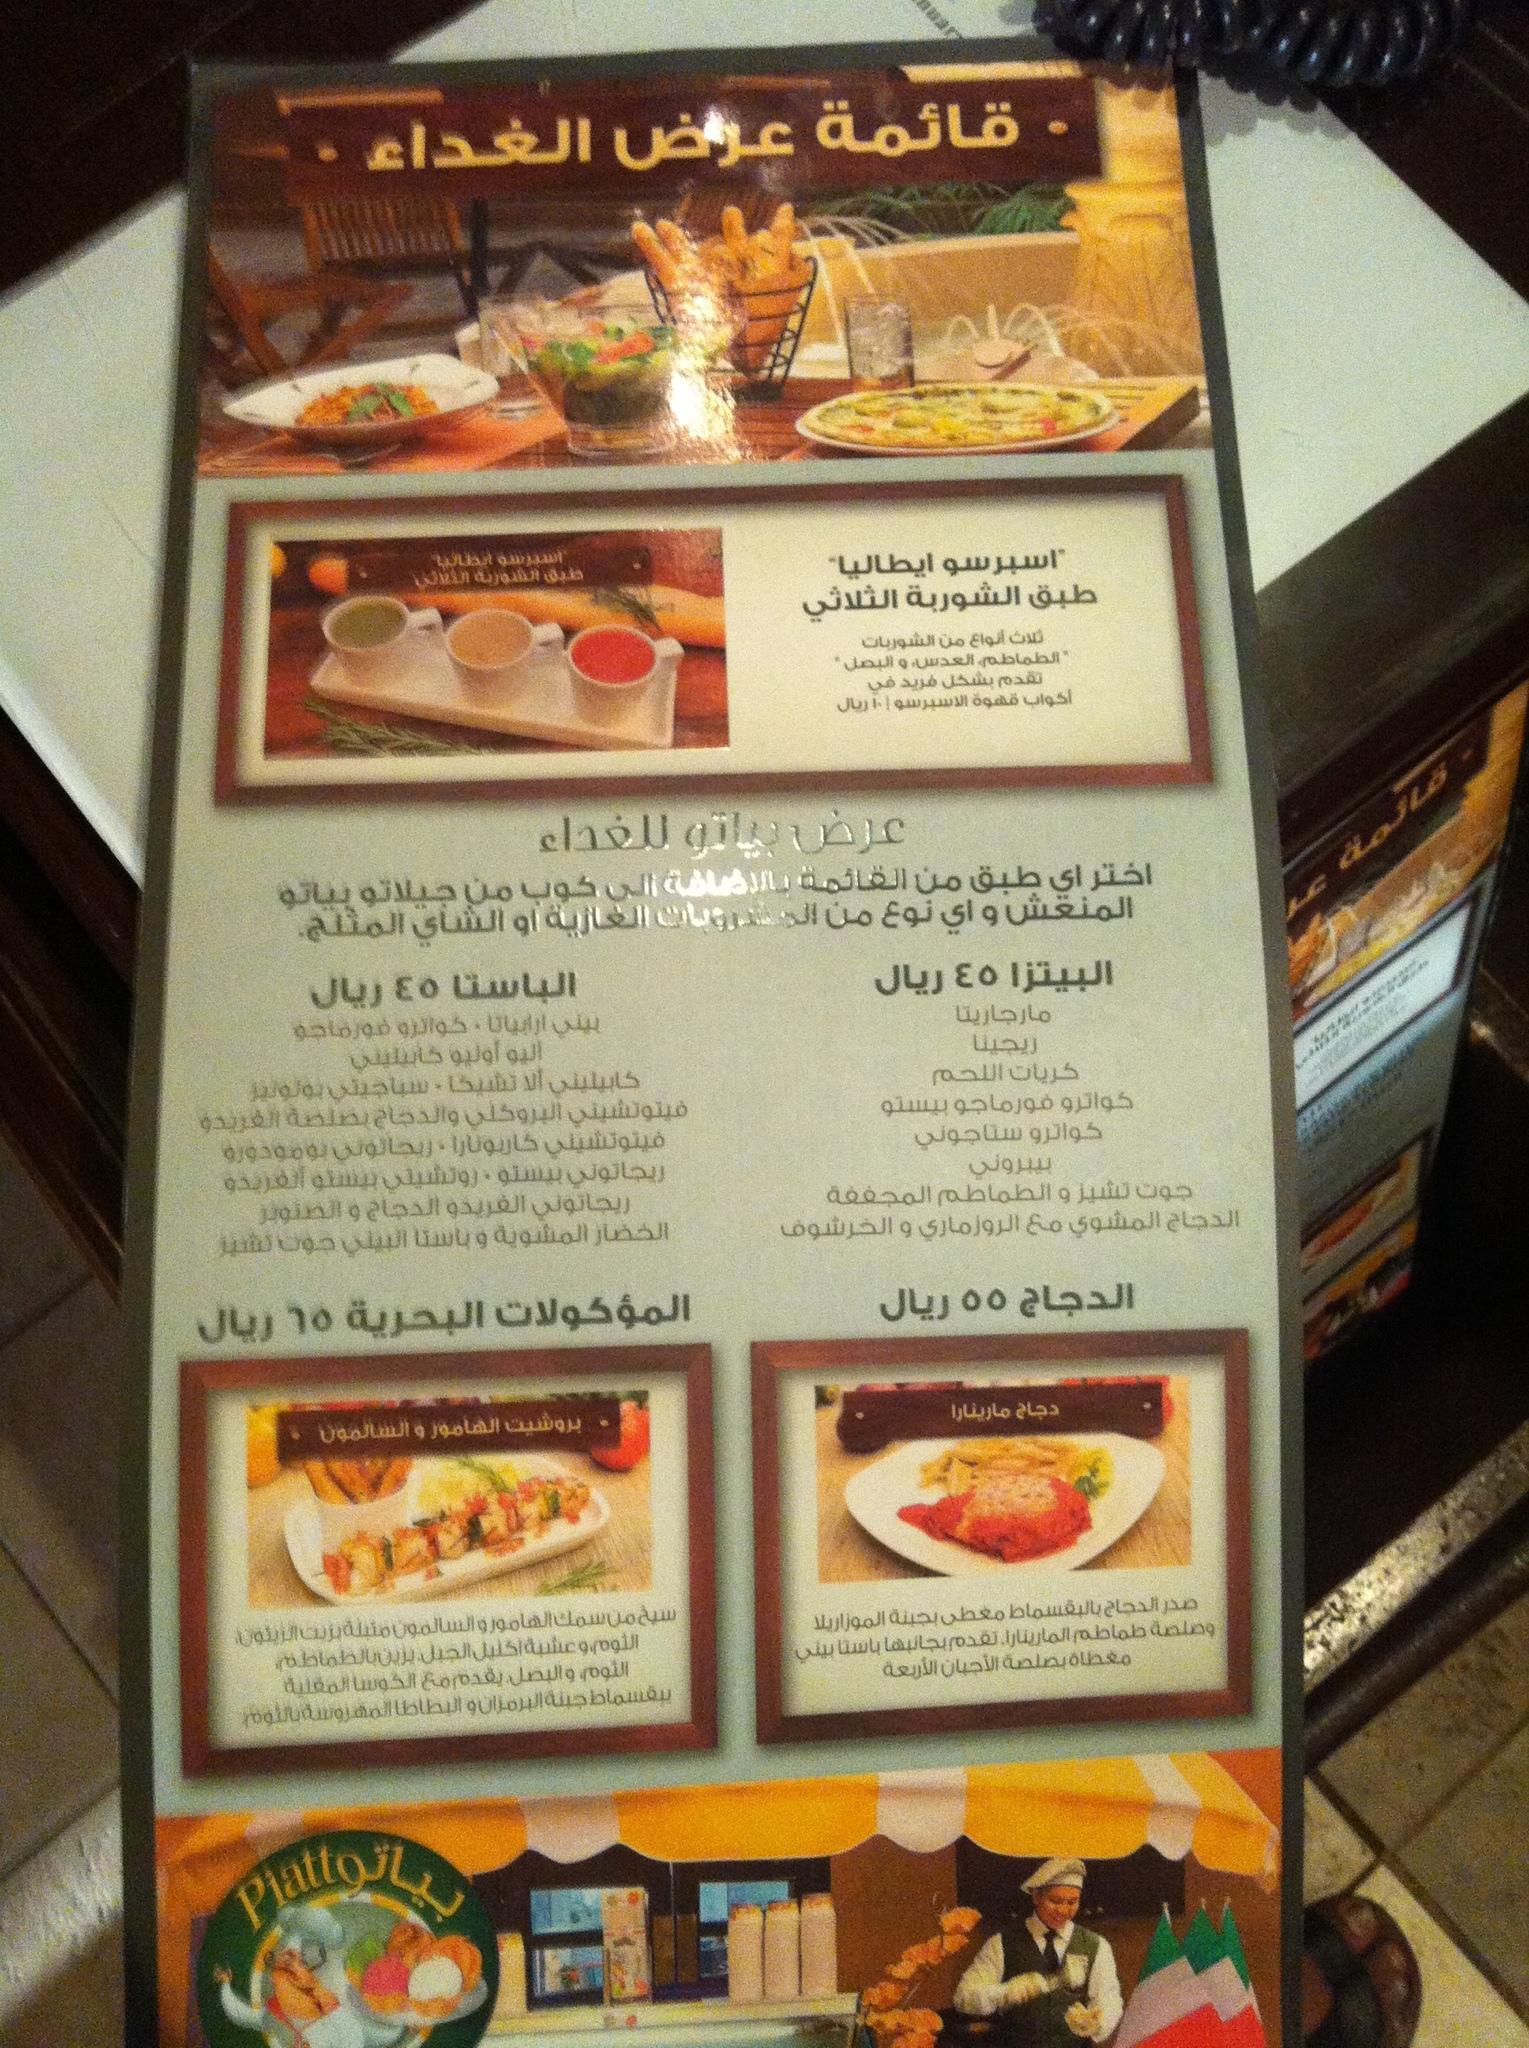 مطاعم و كافيهات الرياض Auf Twitter قائمة غداء مطعم بياتو الايطالي الدائري الشمالي Http T Co Otbdb9tk